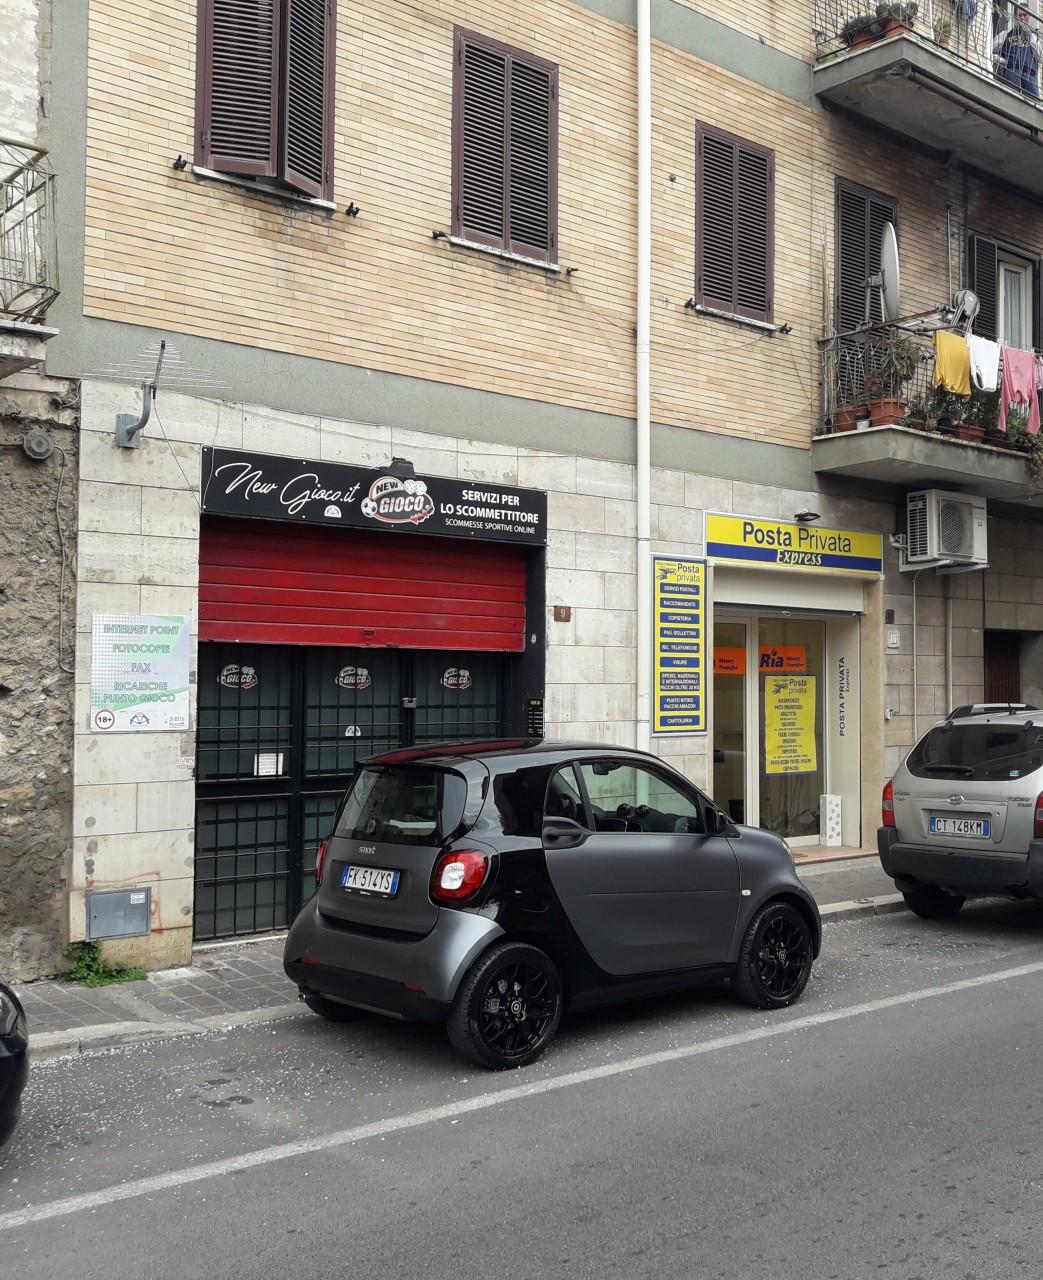 Locale commerciale - 1 Vetrina a Marcellina Rif. 11093508